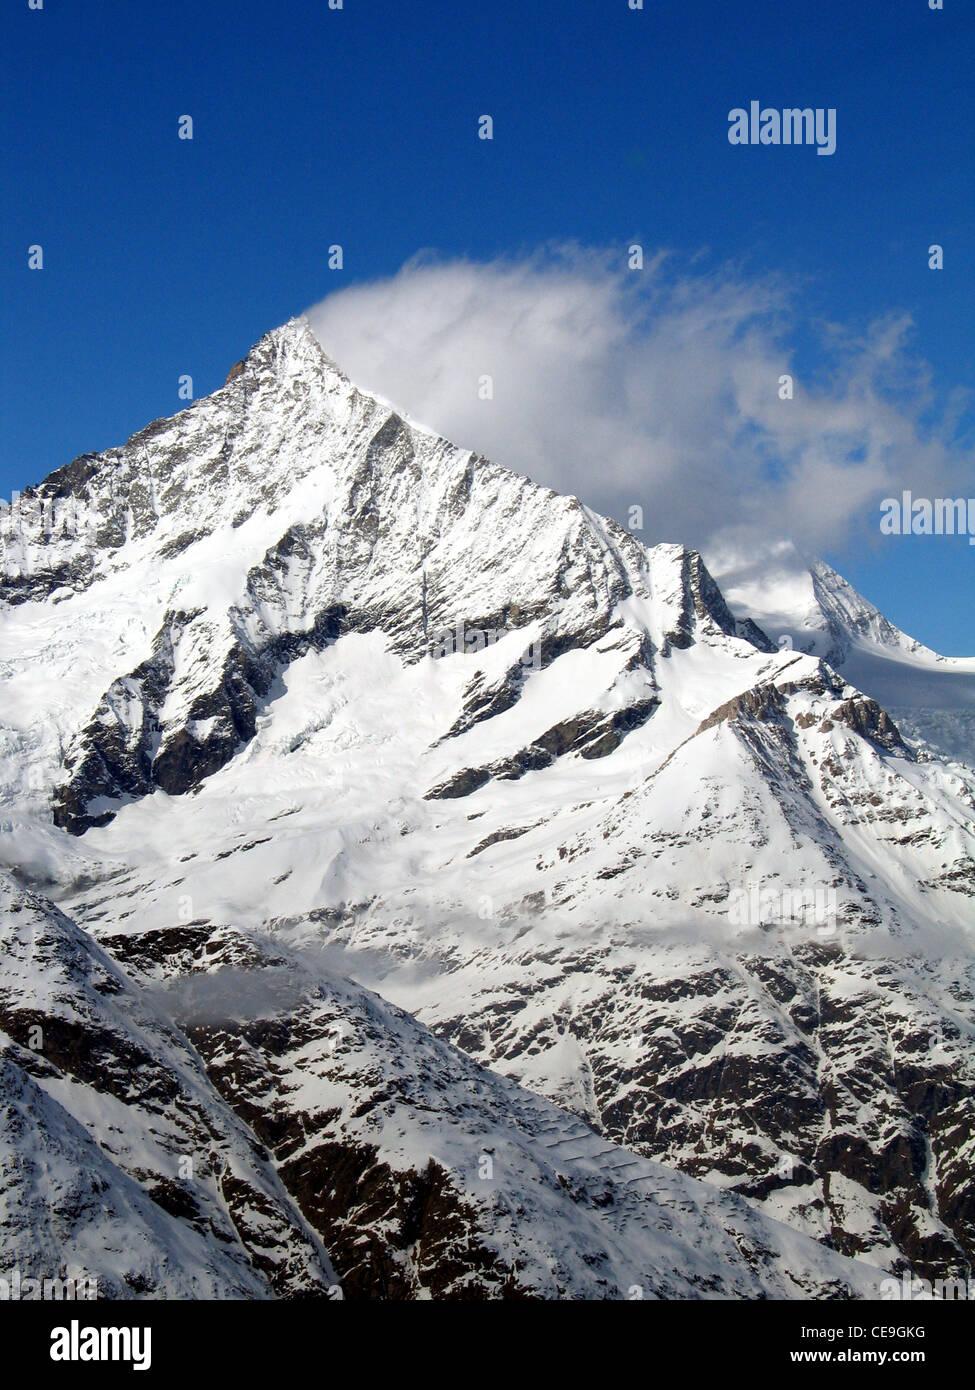 La vista del matterhorn, monte cervino o mont cervin montagna nelle Alpi Pennine al confine tra la Svizzera e l'Italia. Immagini Stock